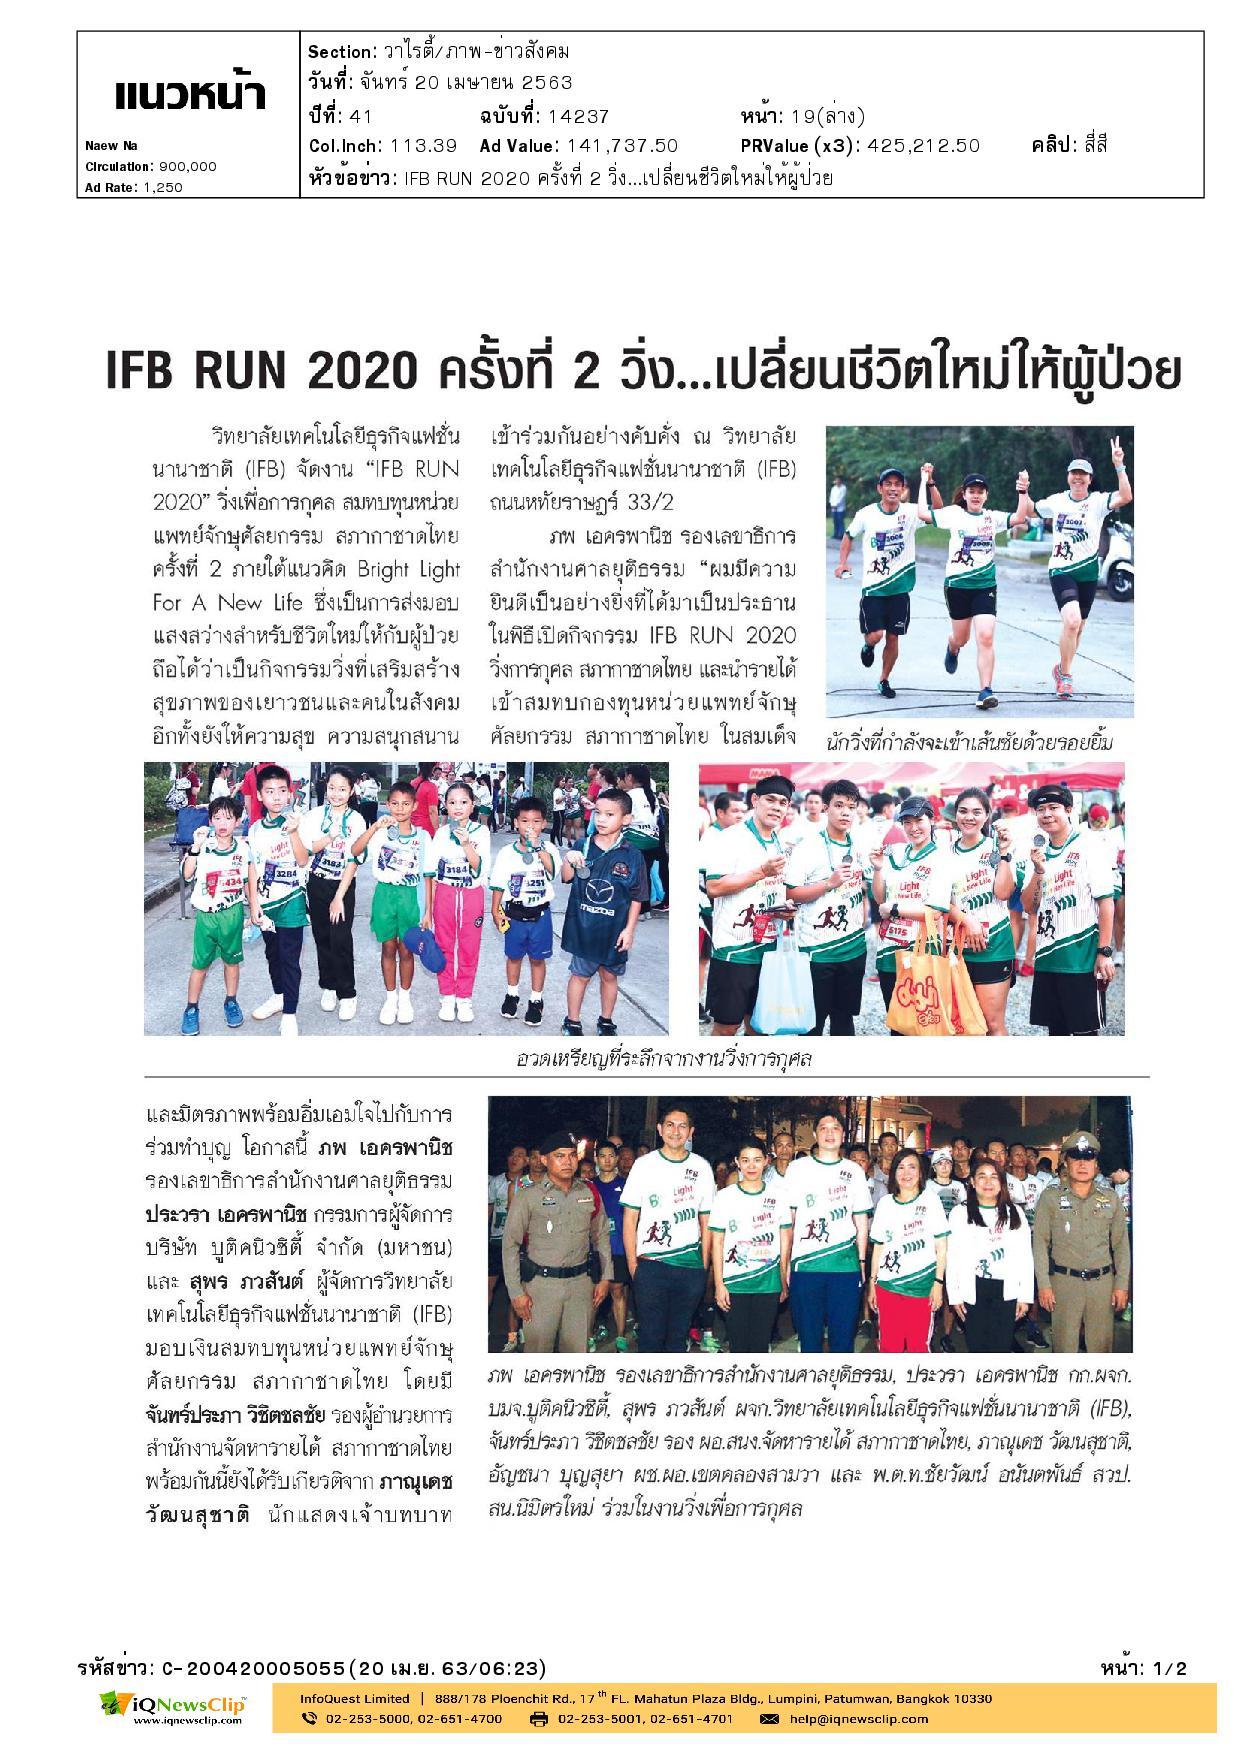 วิ่งเพื่อการกุศล สมทบทุนจักษุศัลยกรรม สภากาชาดไทย